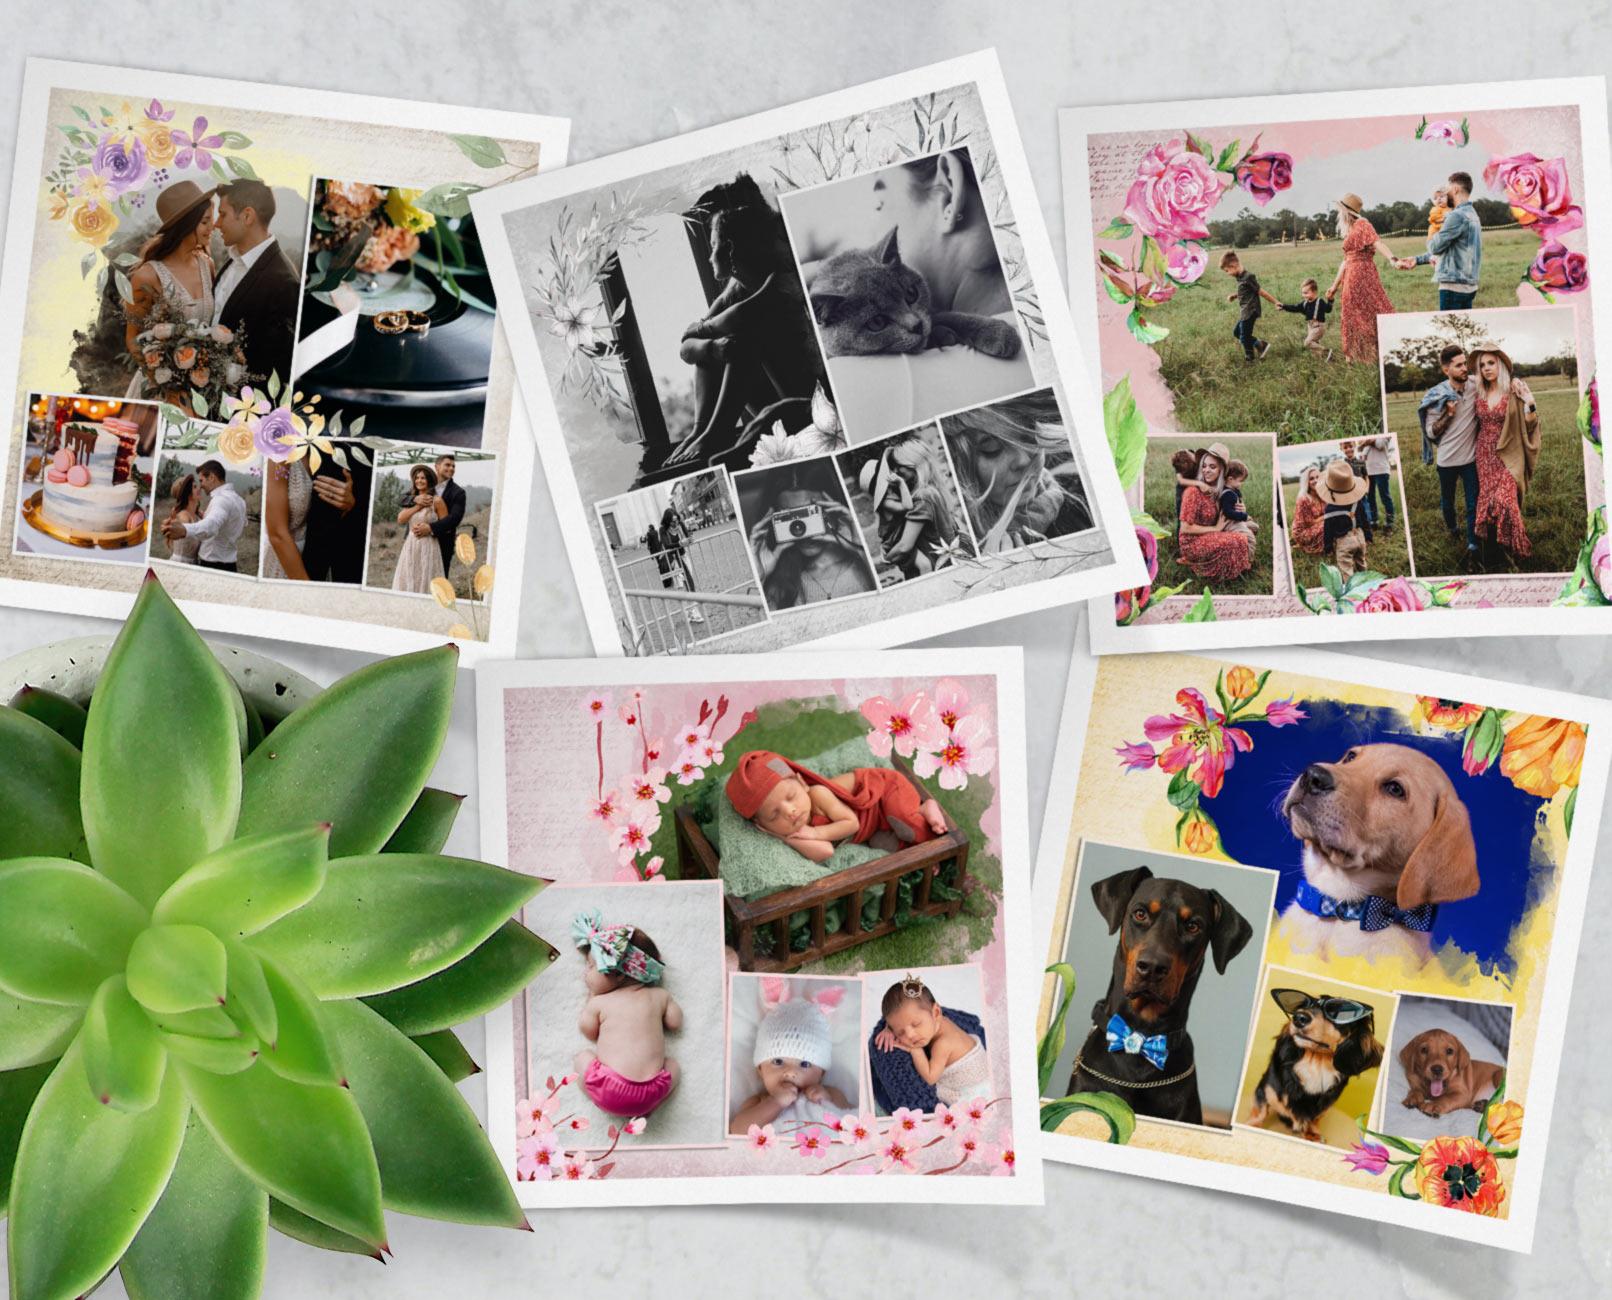 Vorschau auf die Bilderrahmen mit Blumen für Fotocollagen in Photoshop und Co.